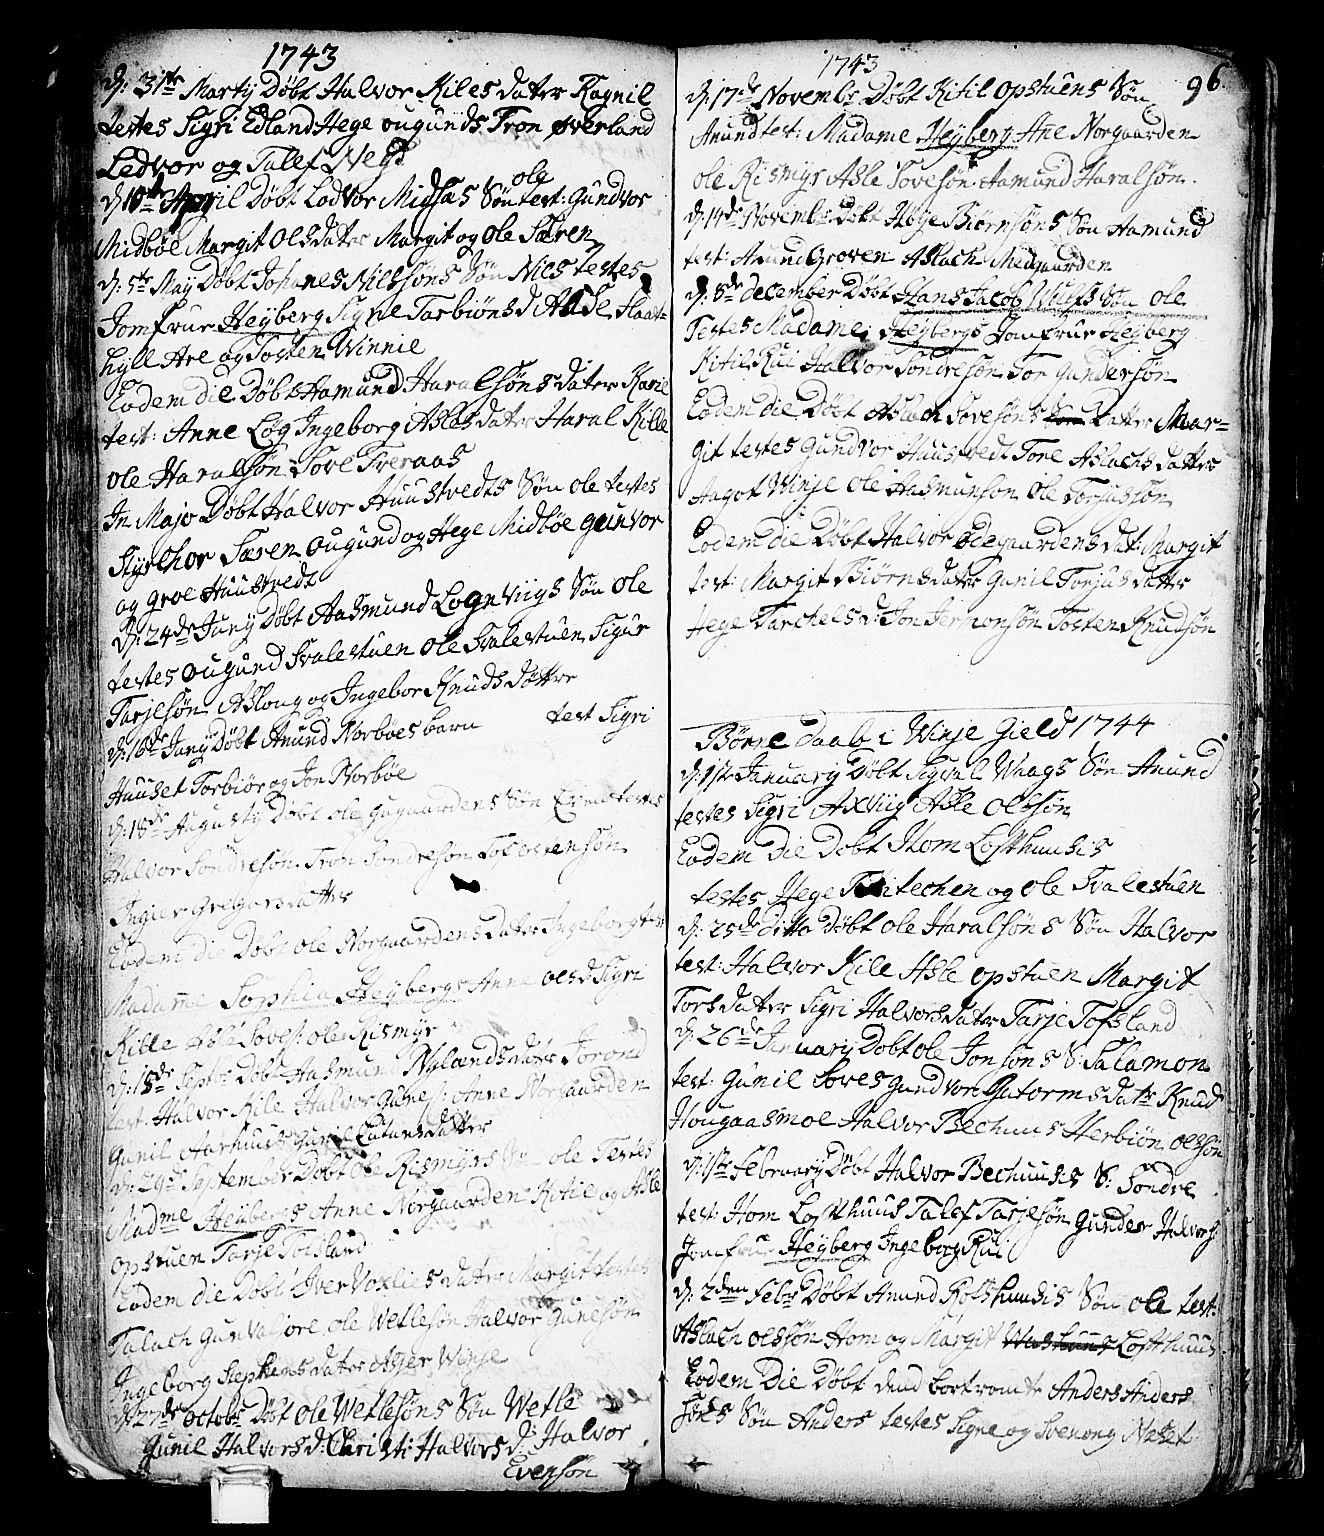 SAKO, Vinje kirkebøker, F/Fa/L0001: Ministerialbok nr. I 1, 1717-1766, s. 96